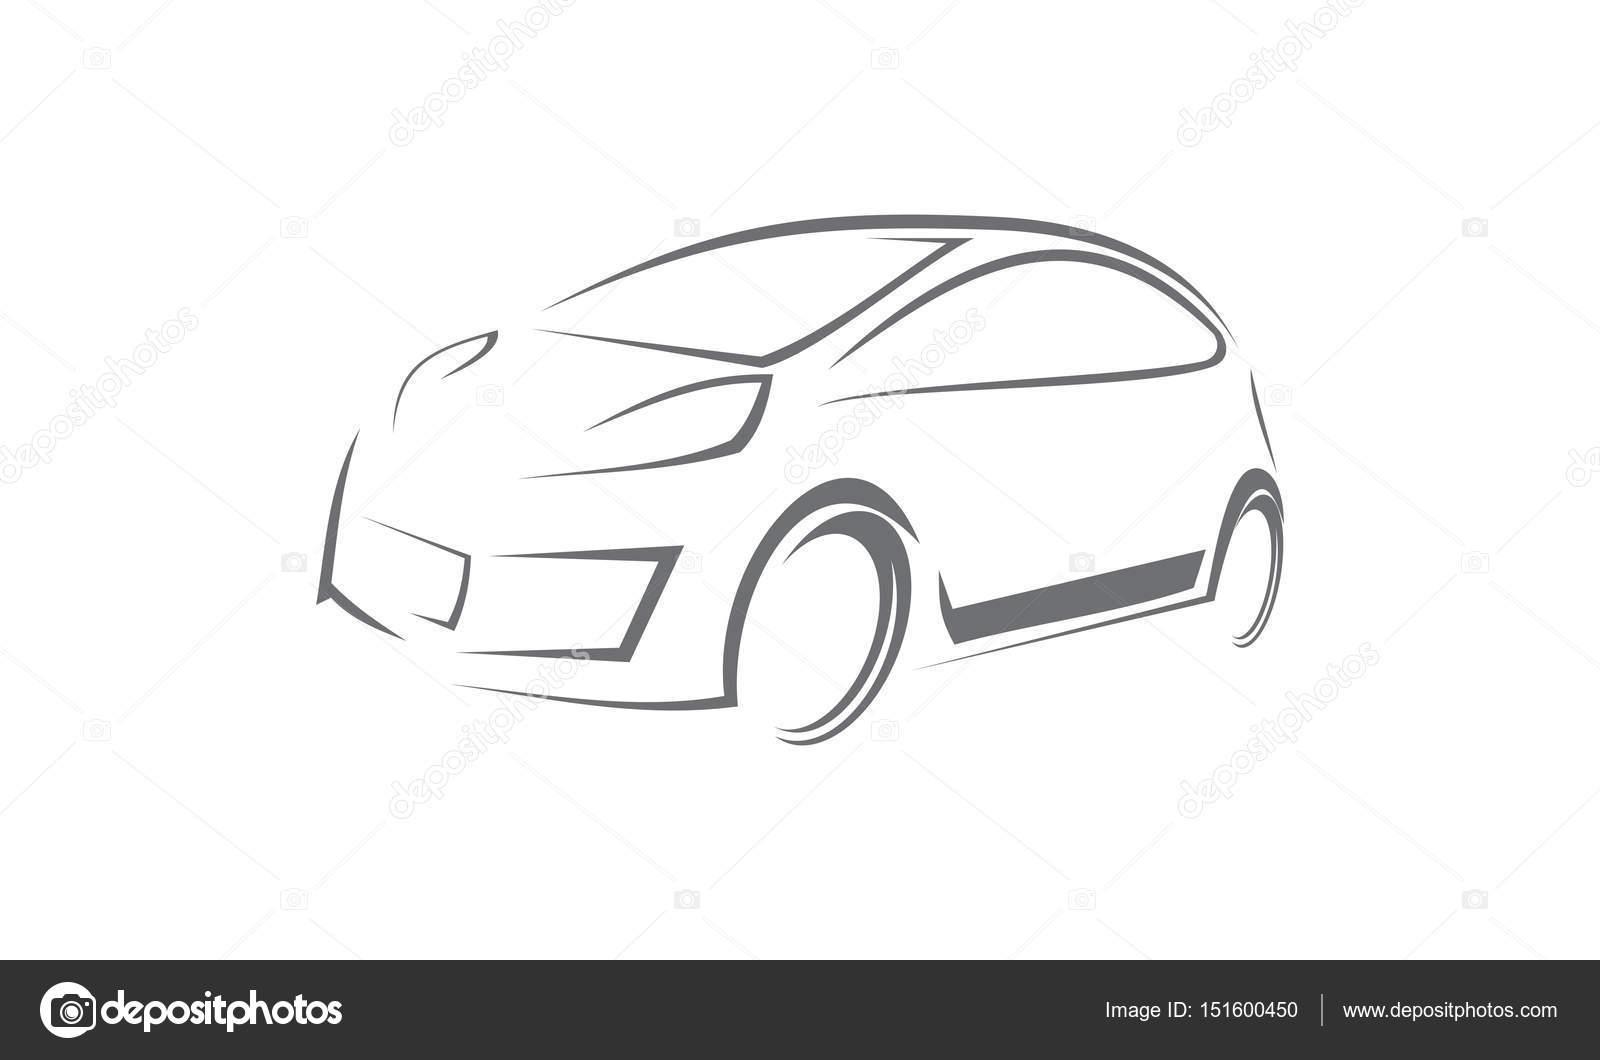 Plantilla de logotipo de coche — Foto de stock © alluranet #151600450